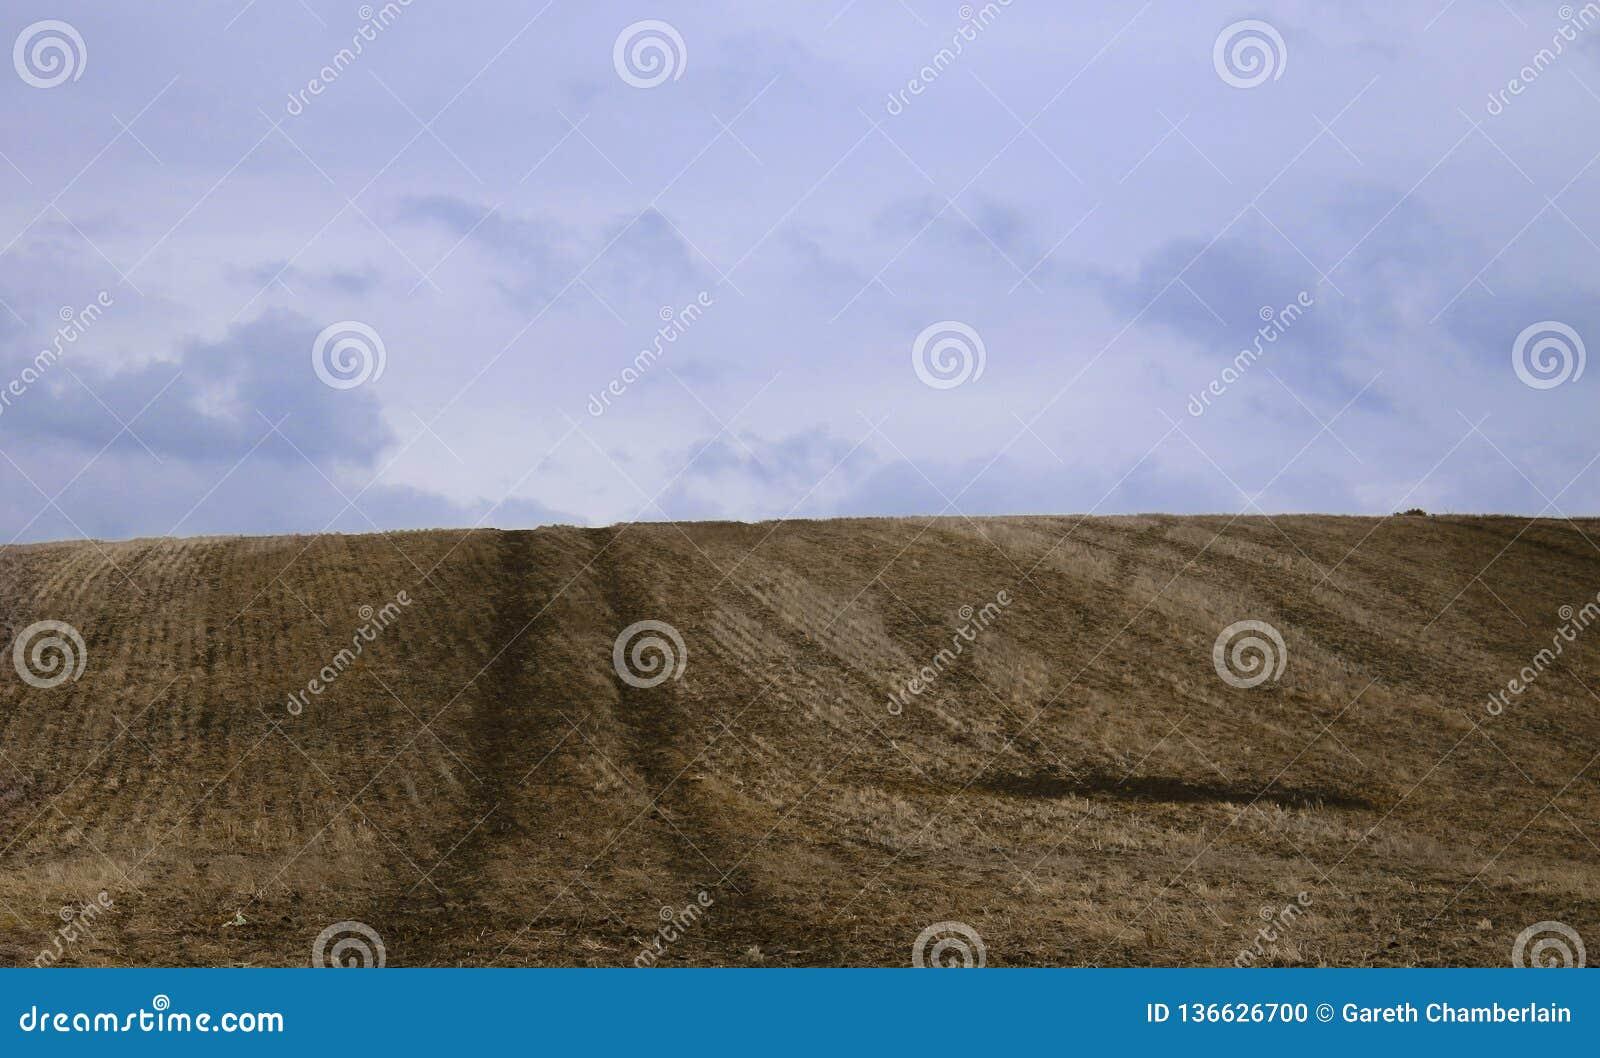 Über dem Hügel ist blaue Himmel für immer